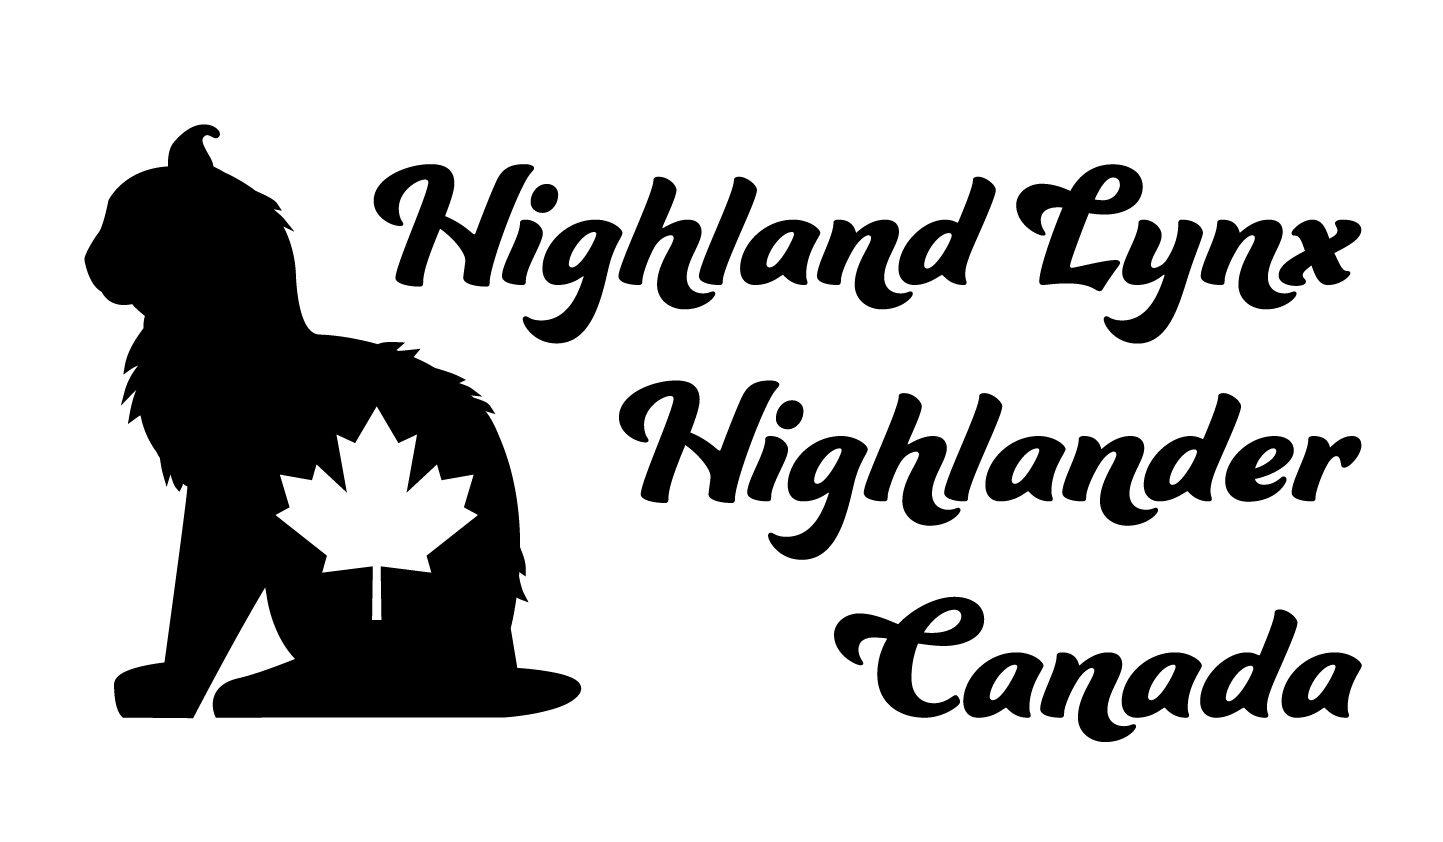 Highland Lynx / Highlander Canada